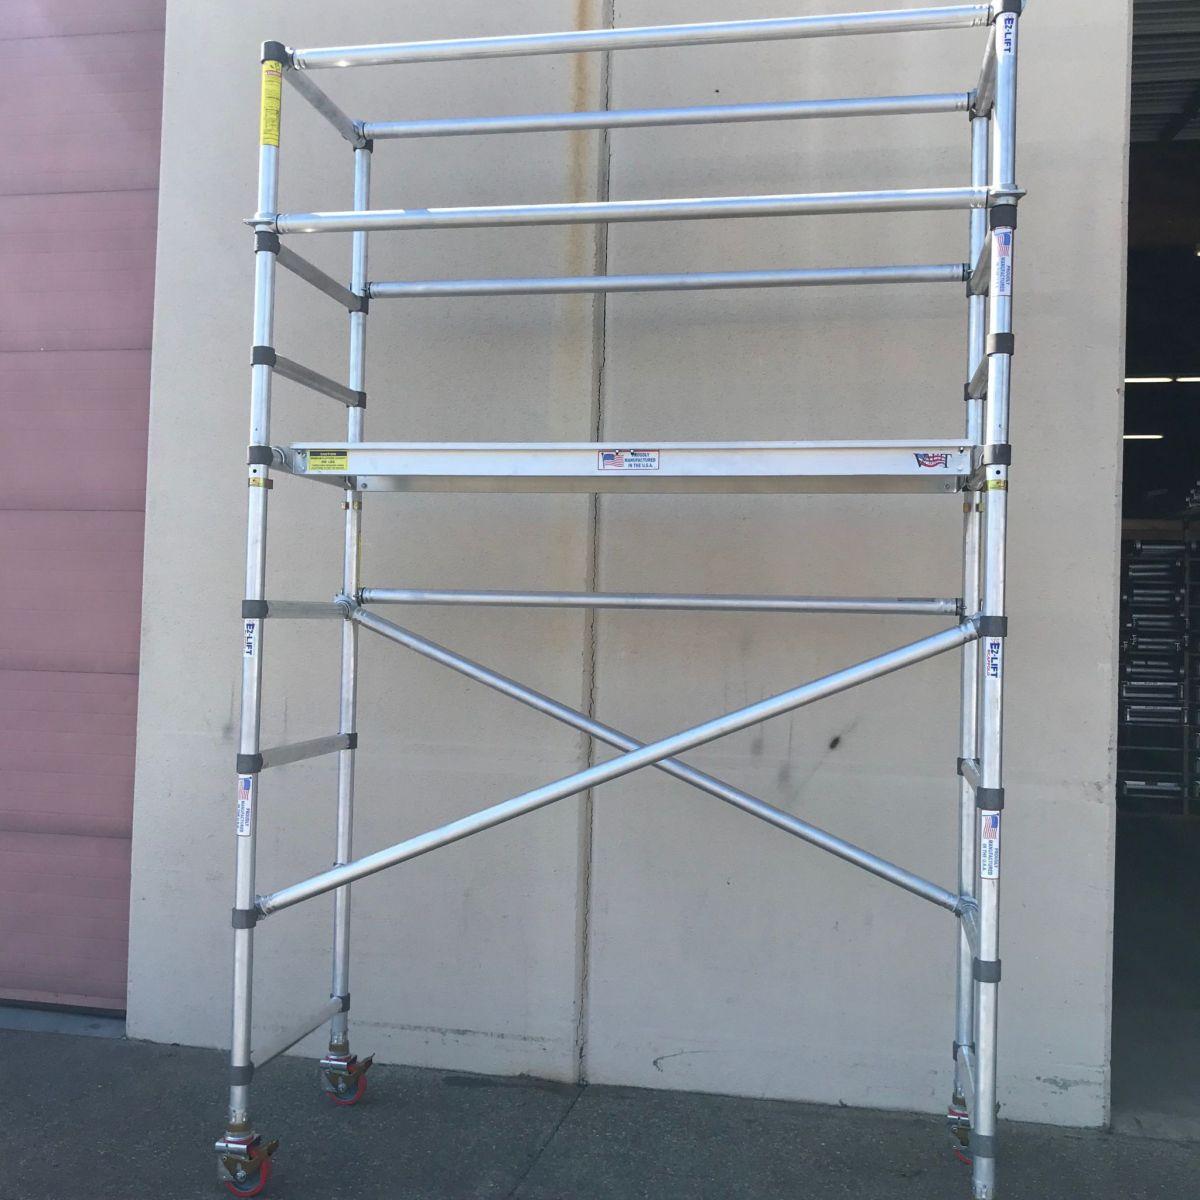 Scaffolding, Aluminum Scaffolding Sacramento, Aluminum Scaffolding for sale, Aluminum Scaffolding San Jose, Aluminum Scaffolding Oakland, Aluminum Scaffolding San Francisco